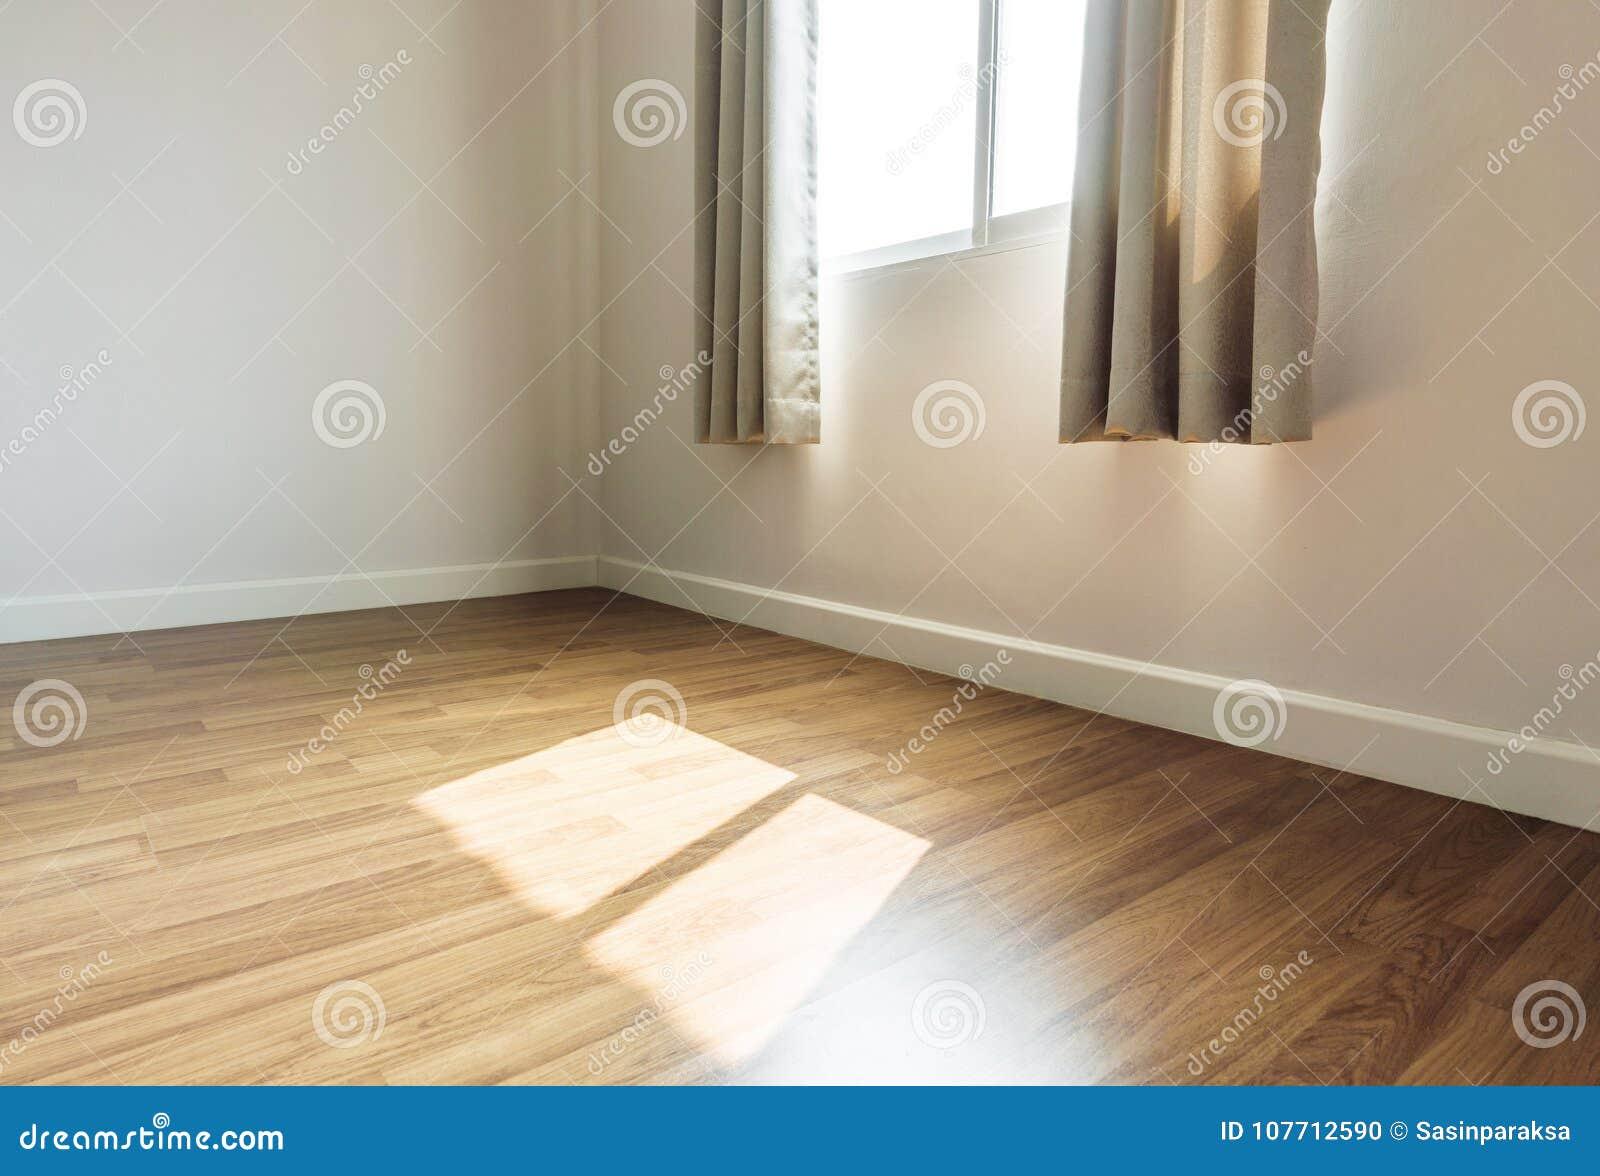 Wnętrze przestrzeń, pusty pokój, uwarstwia drewnianej podłoga z rozpieczętowanym nadokiennym odbiorczym światłem słonecznym w ran